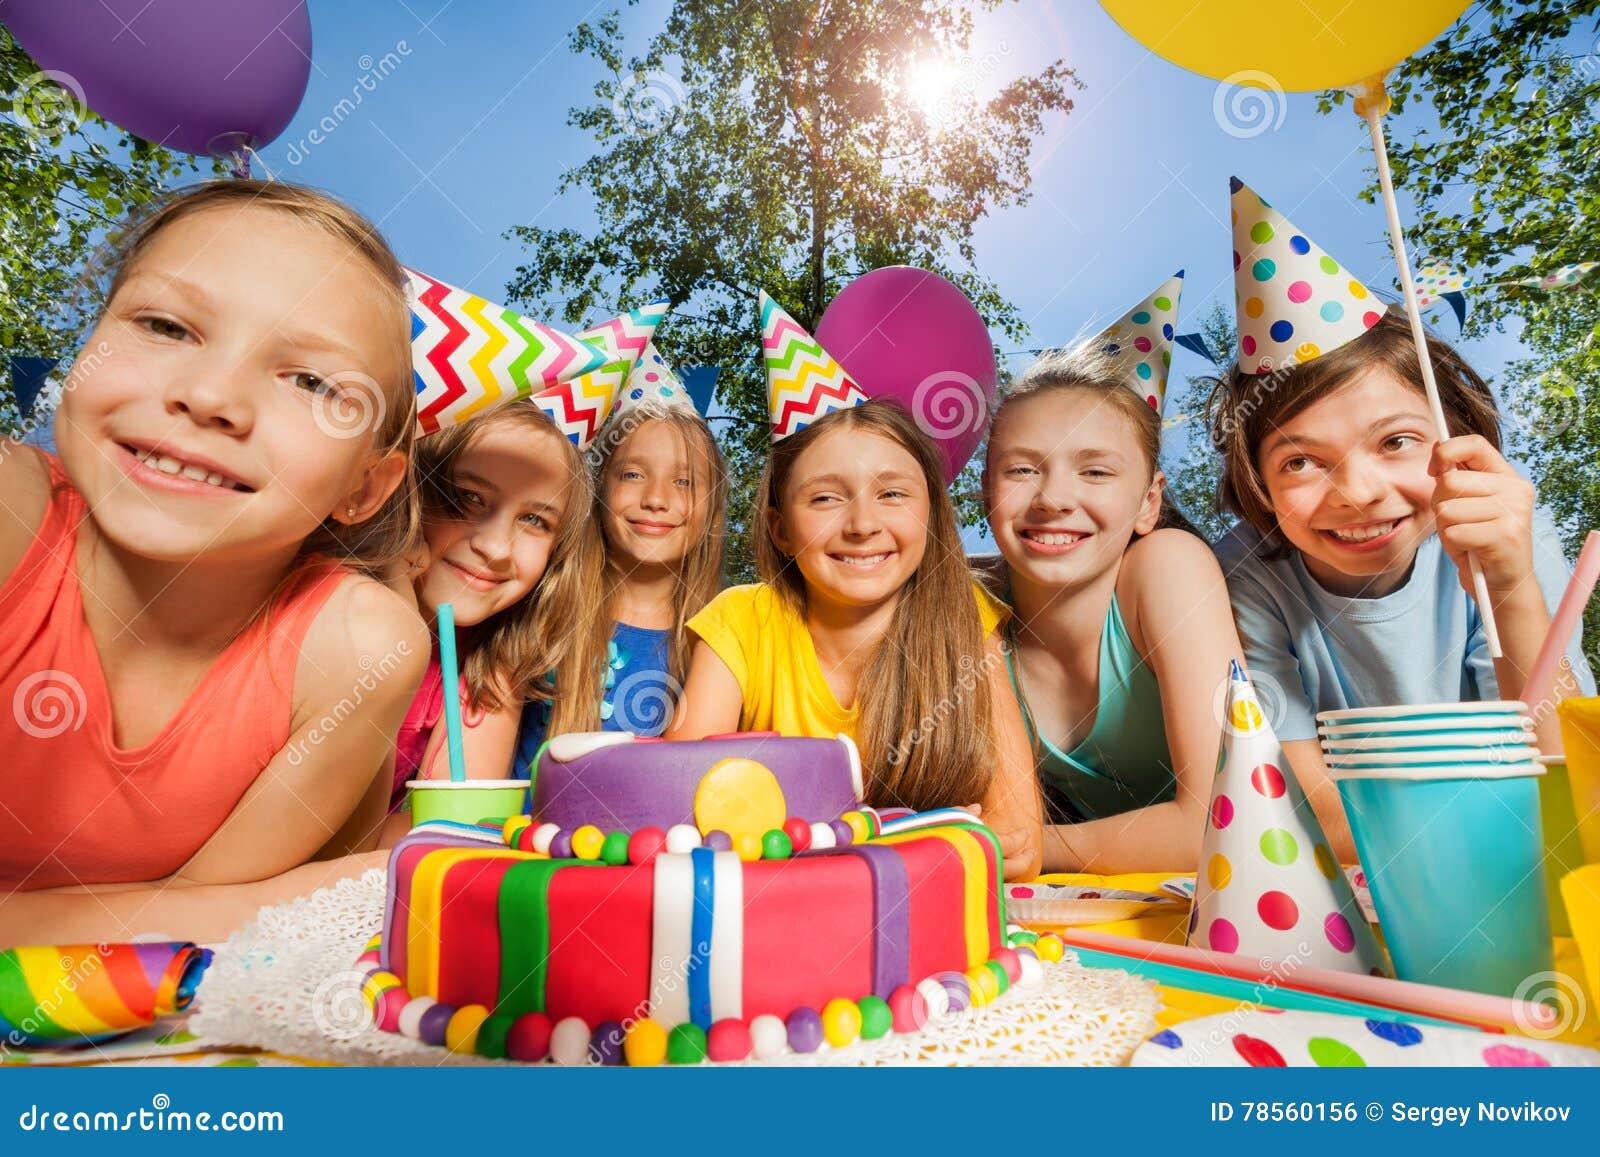 Seis niños felices en sombreros del partido alrededor de la torta de cumpleaños